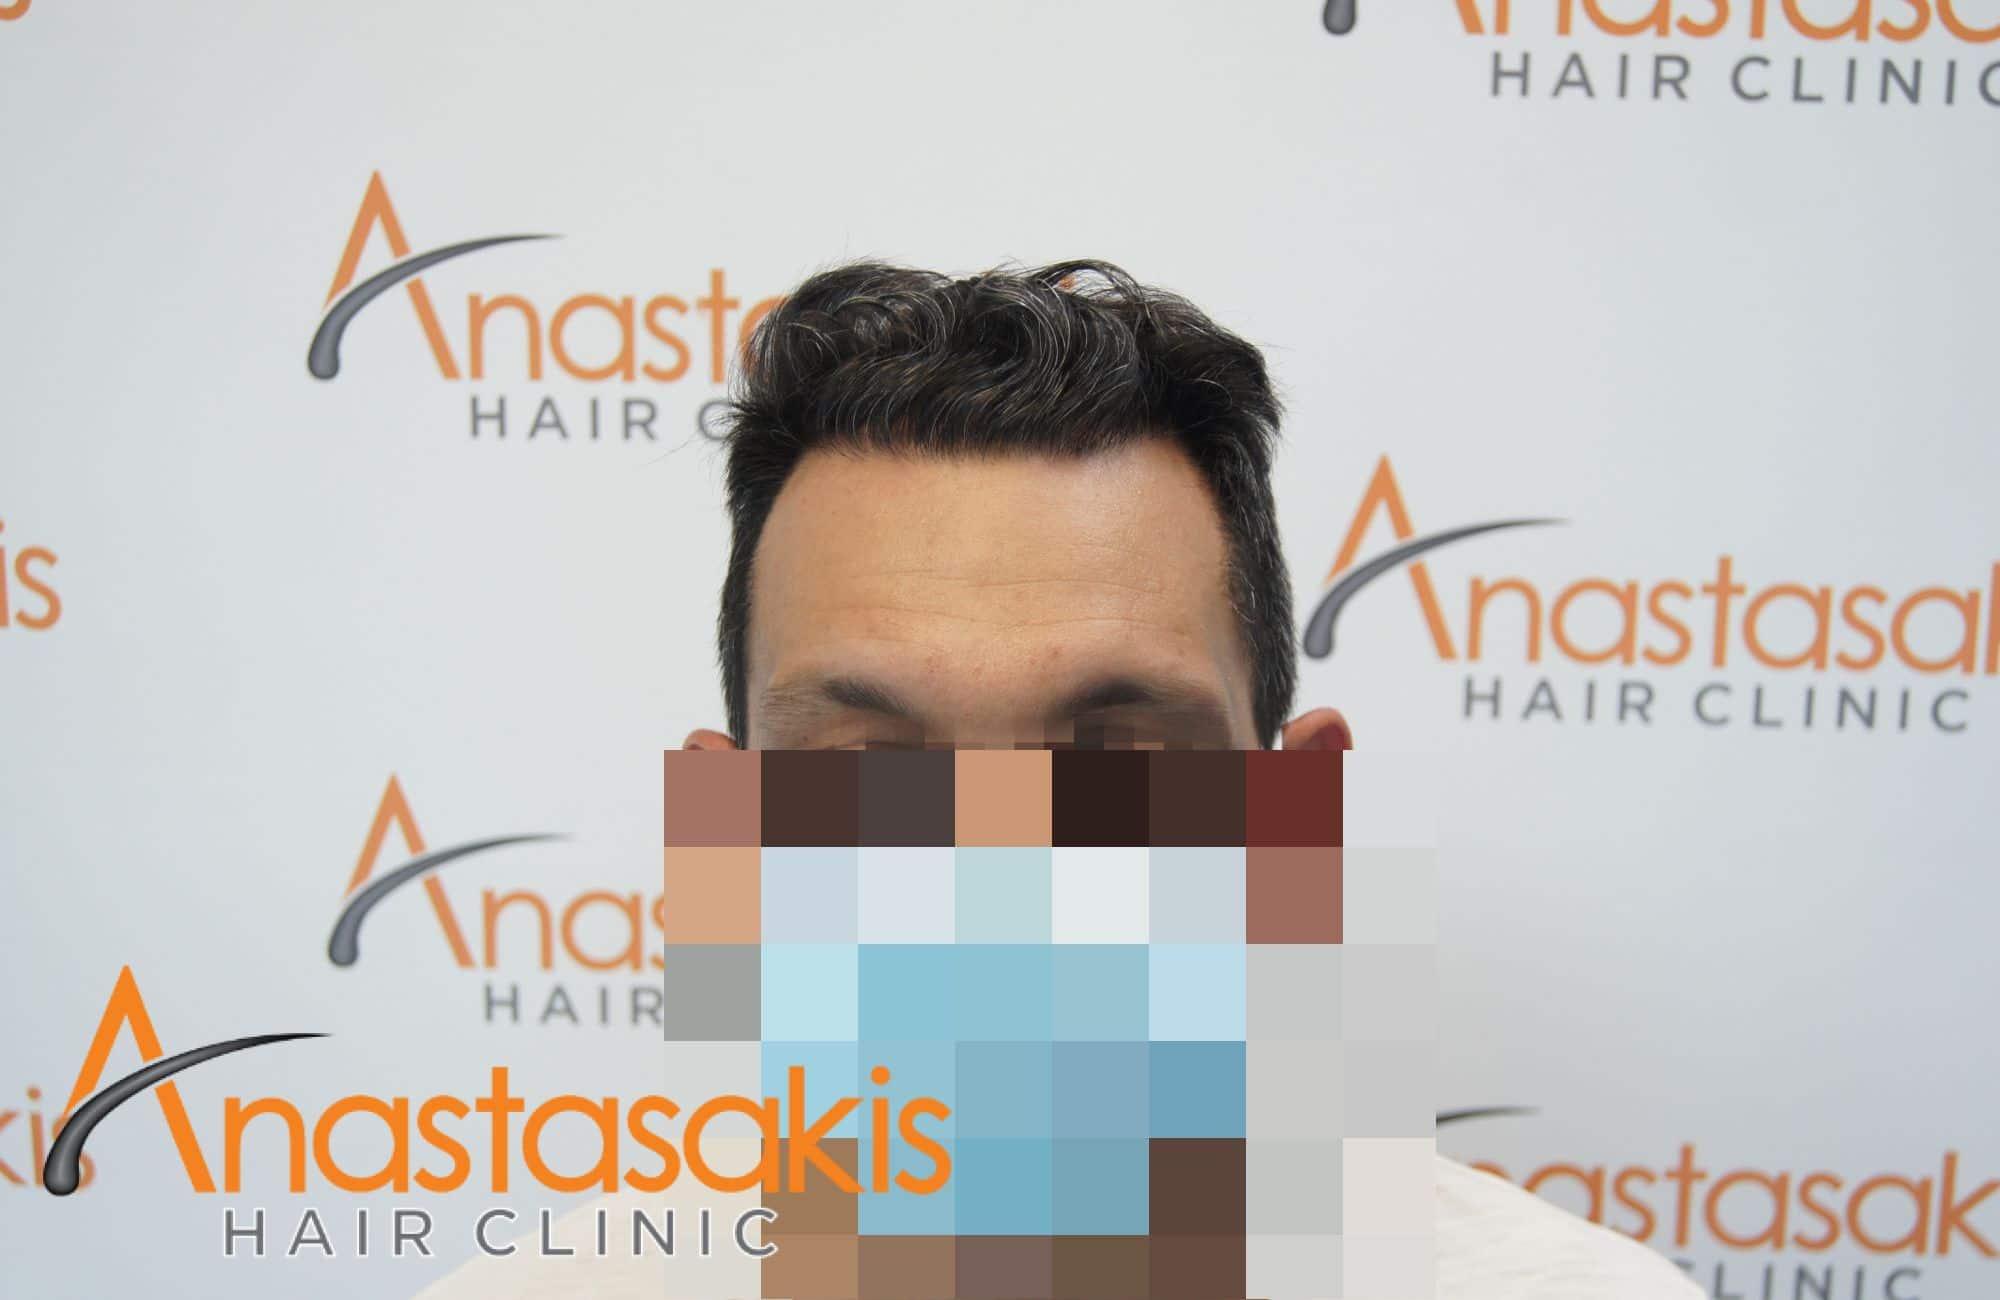 αποτελεσμα μεταμόσχευσης μαλλιών με 2211 τριχοθυλάκια - fullface